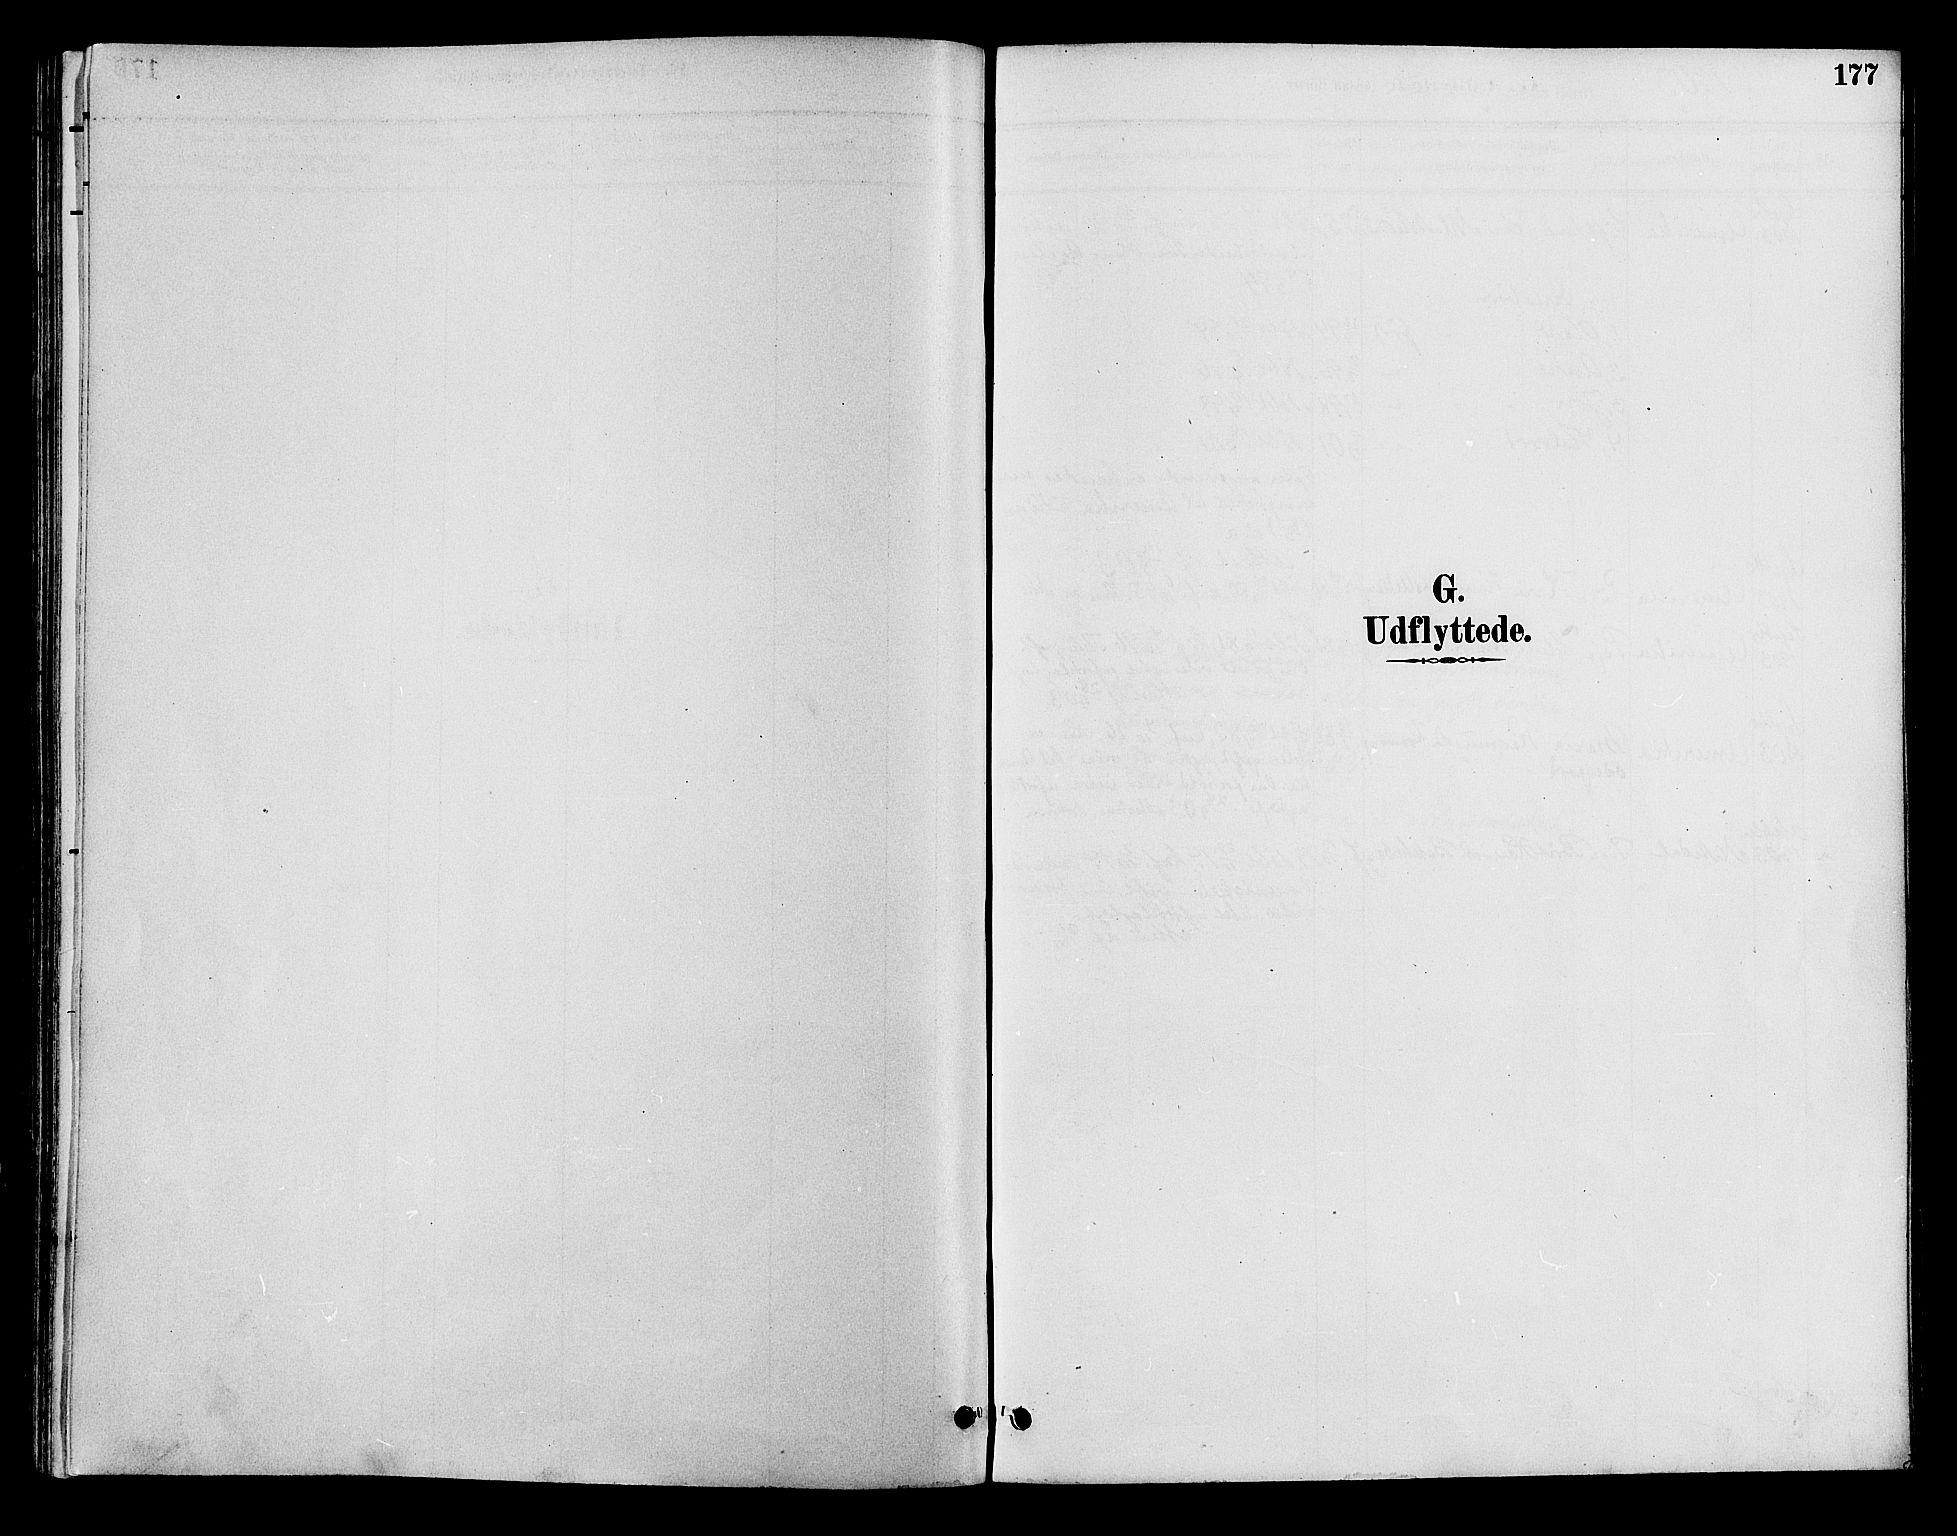 SAH, Lom prestekontor, K/L0008: Ministerialbok nr. 8, 1885-1898, s. 177